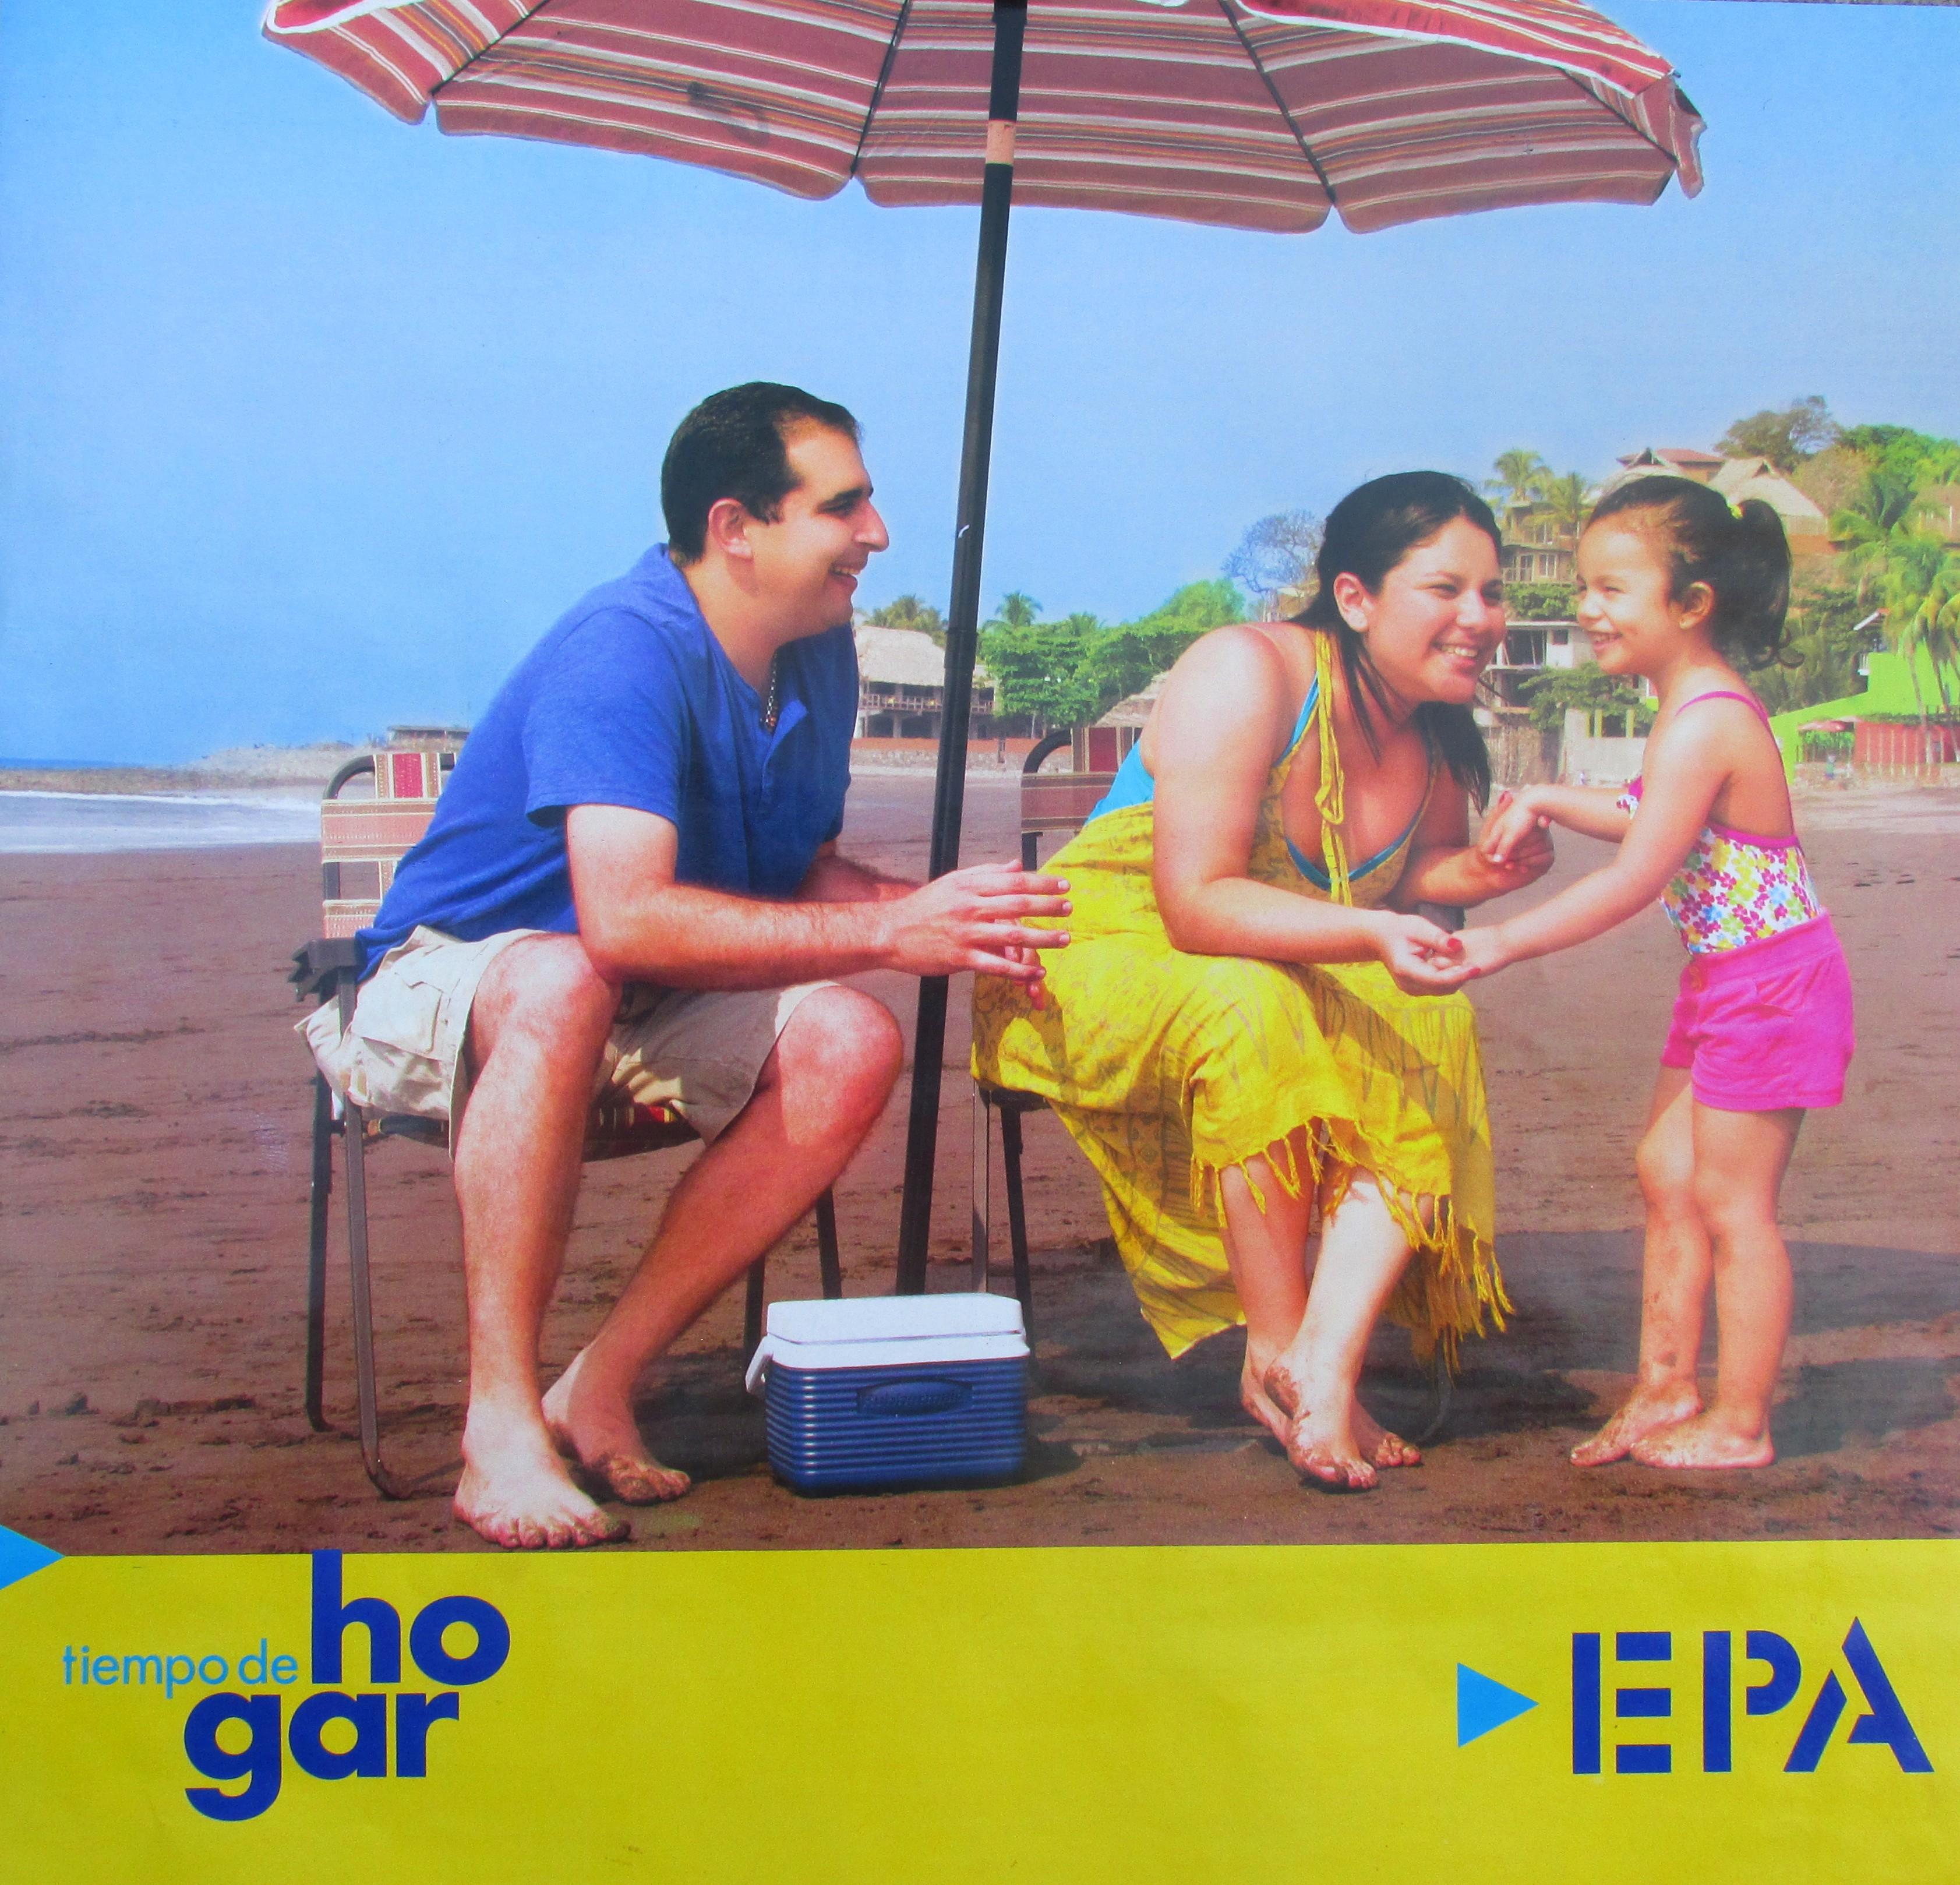 Ferreteria EPA el salvador OFERTAS Verano 2014